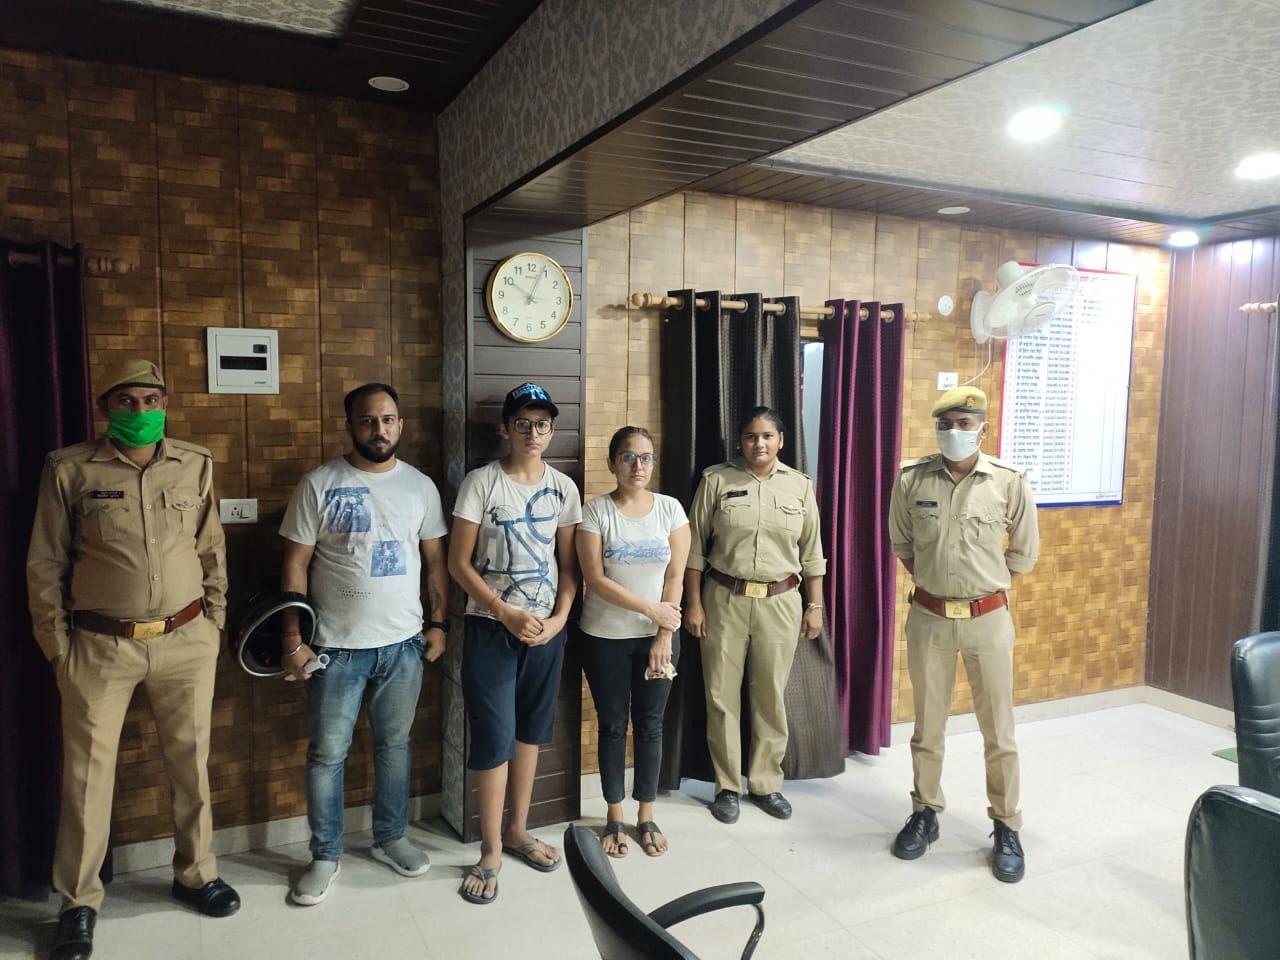 गाजियाबाद में घर से गायब हुए 13 वर्षीय किशोर को पुलिस ने मात्र 3 घंटे में तलाश कर परिजनों को सौंपा